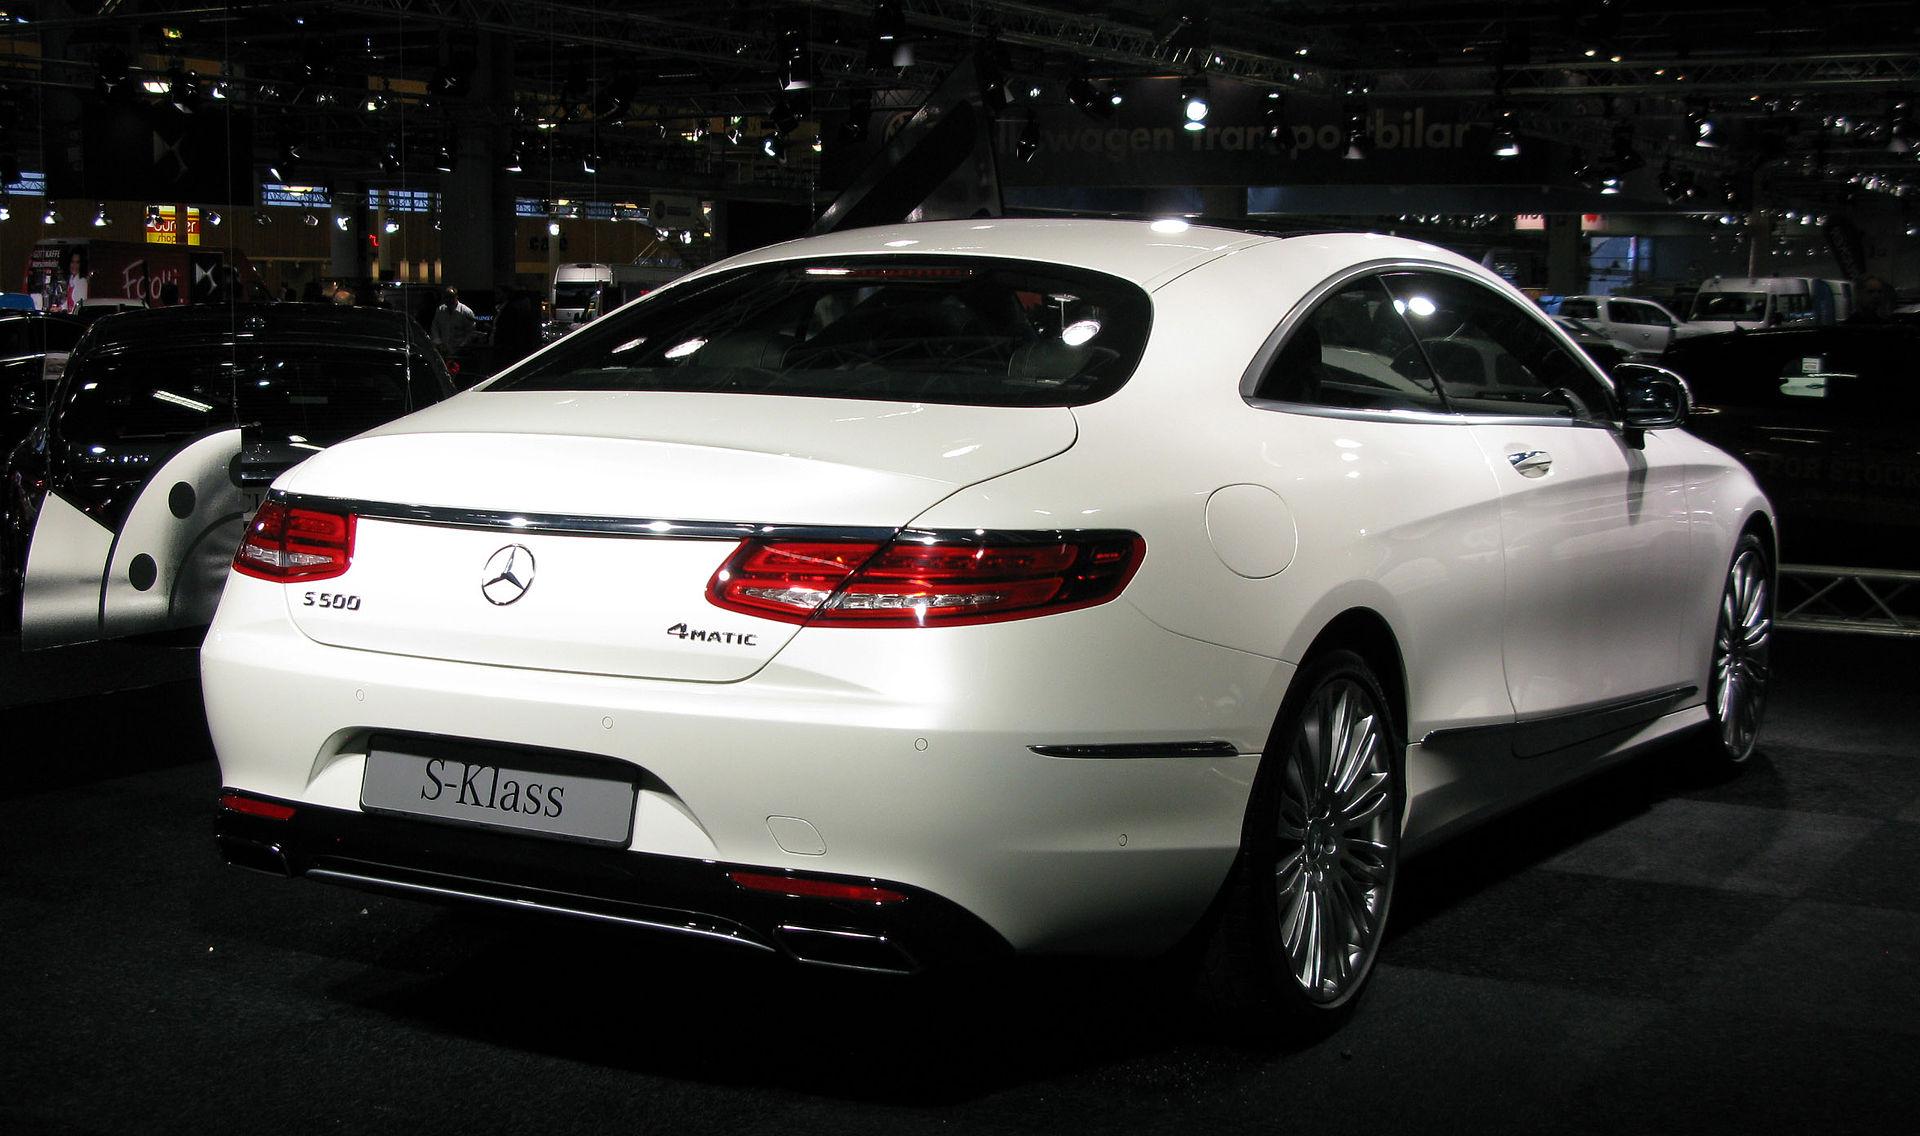 Mercedes-Benz S-Class (C217) - Wikipedia